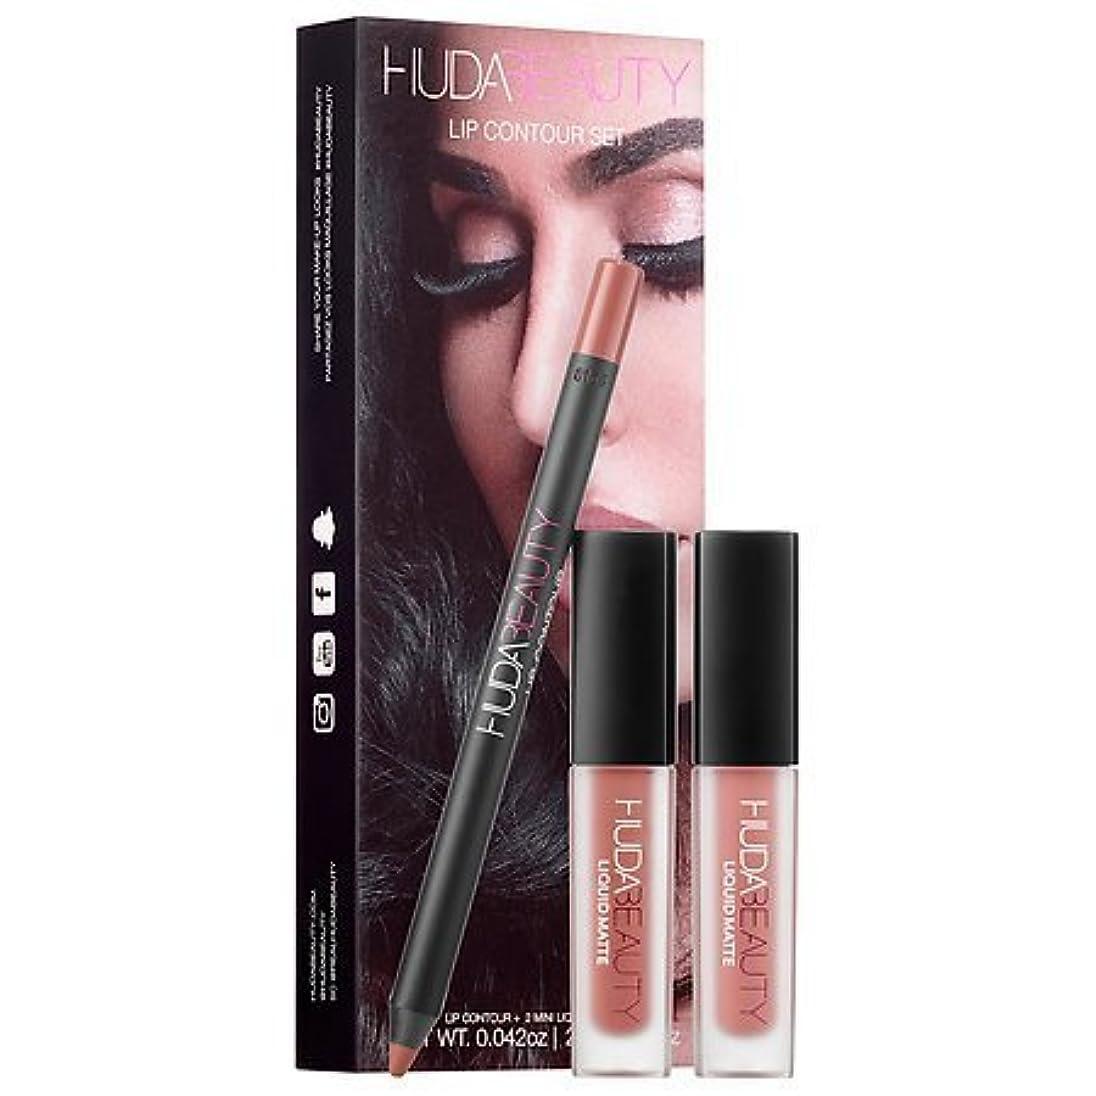 キャラクター国勢調査単なるHuda Beauty Lip Contour Set - Trendsetter (brown nude) & Bombshell (subtle pinkish nude) [並行輸入品]